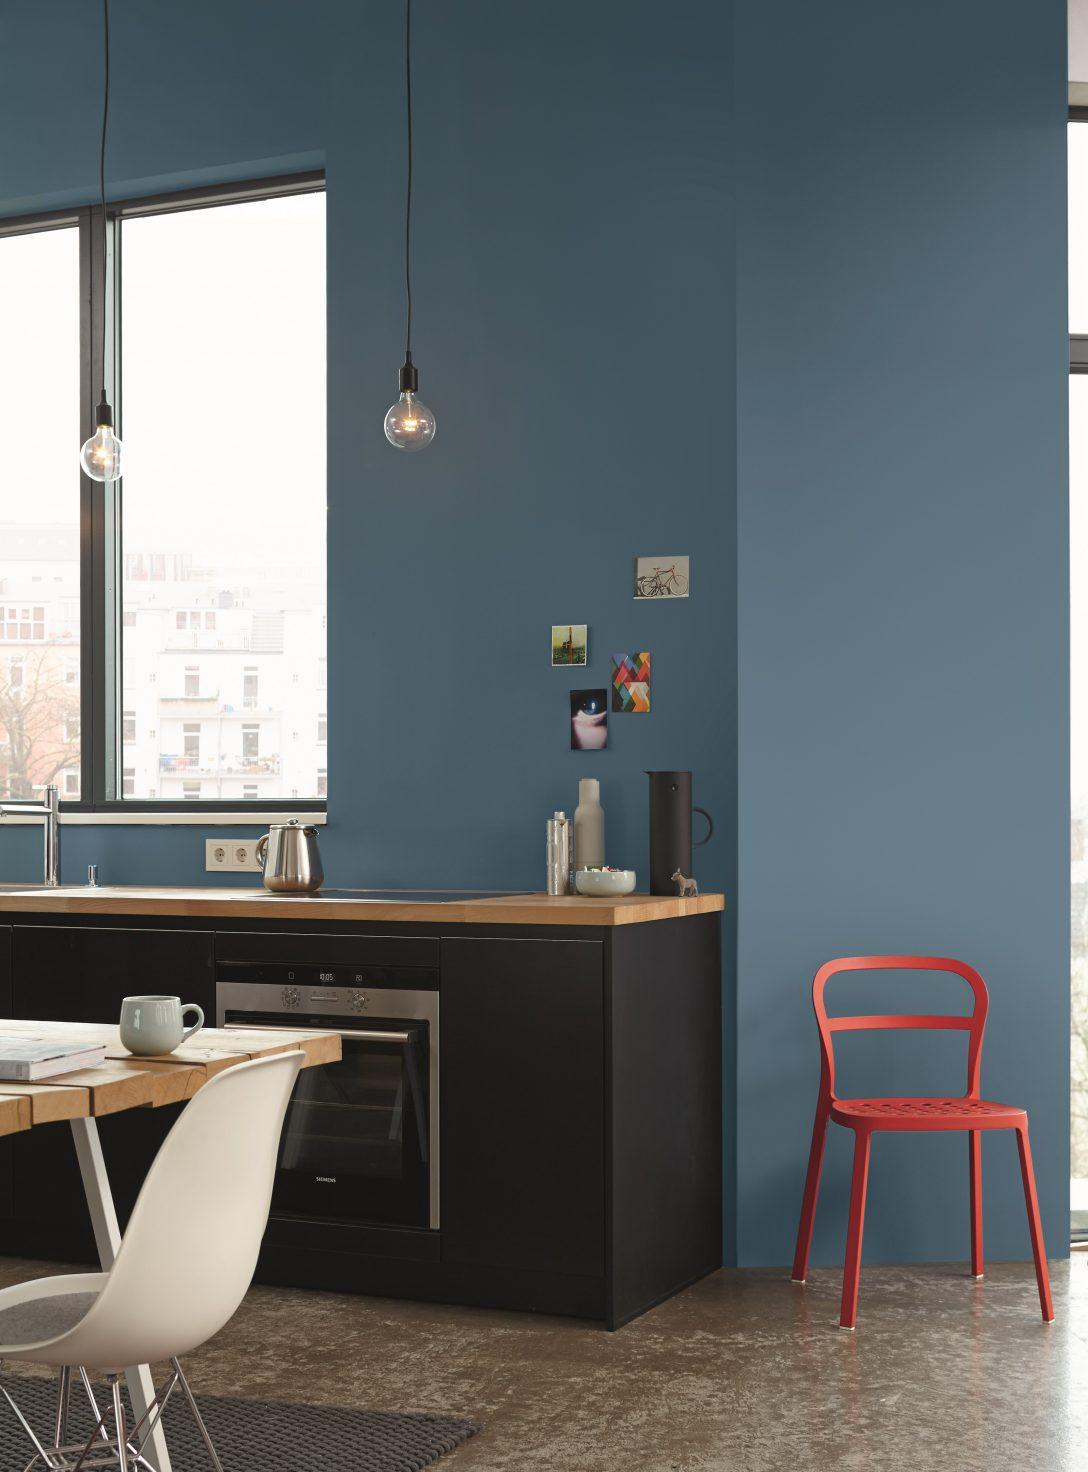 Large Size of Dachgeschoss Küche Einrichten Komplette Neue Kleine Küche Einrichten Küche Einrichten Worauf Achten Altbau Küche Einrichten Küche Küche Einrichten